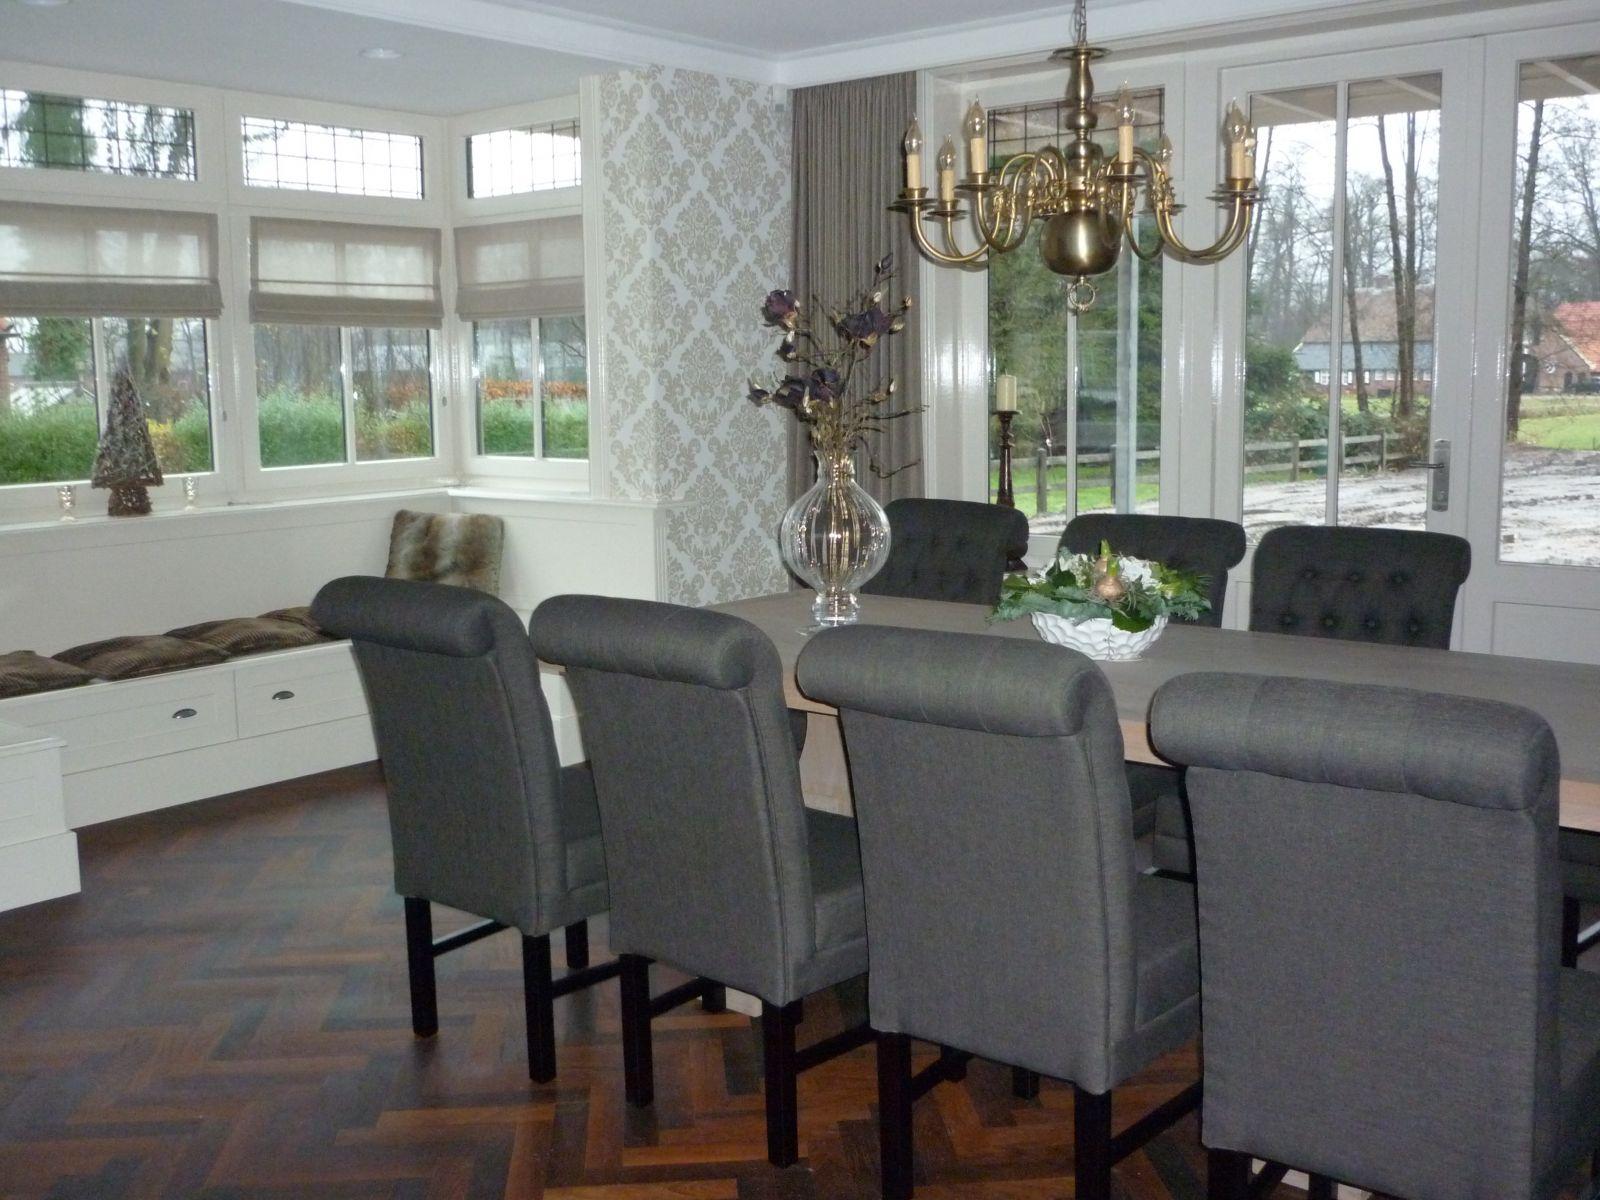 gordijnen voor keukenraam gordijnen keukenraam fauteuil